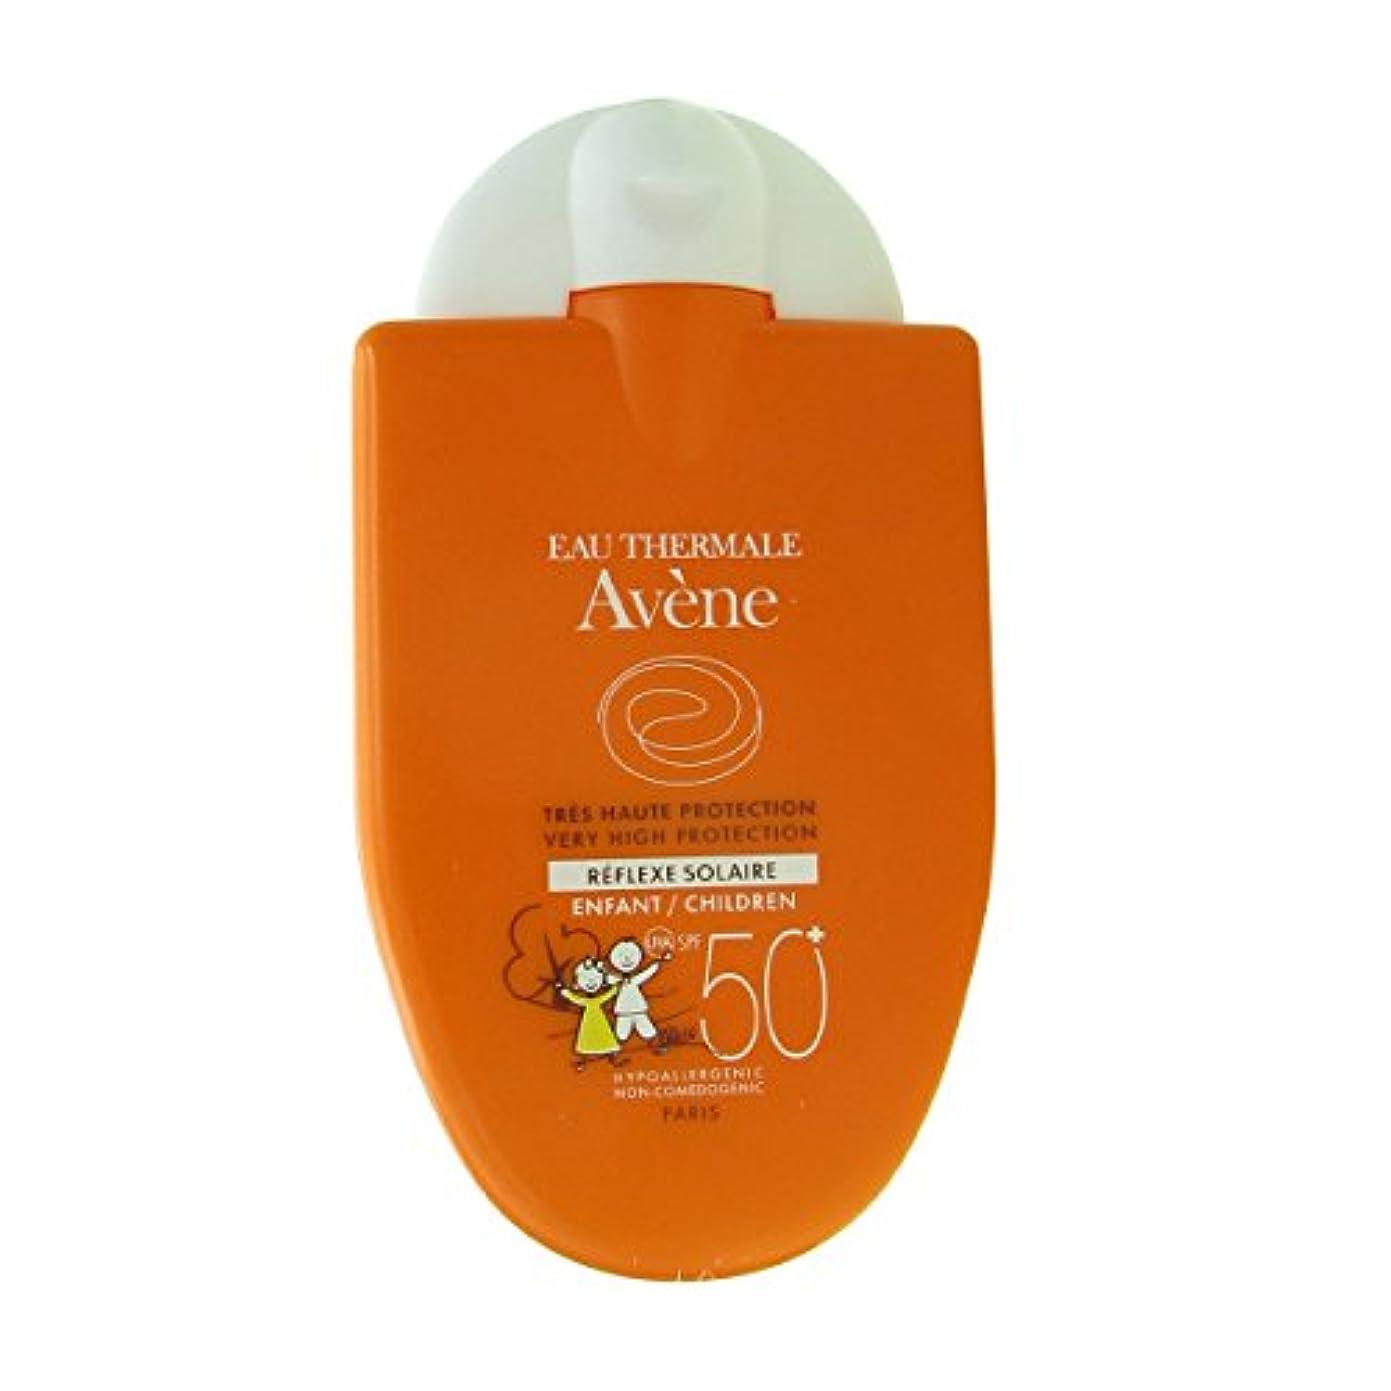 緩やかなフィット効果的アベンヌ ハイプロテクション ソーラーリフレクション SPF50 +(子供用)40ml AVENE HIGH PROTECION SOLAR REFLEXION FOR KIDS SPF 50+ [並行輸入品]